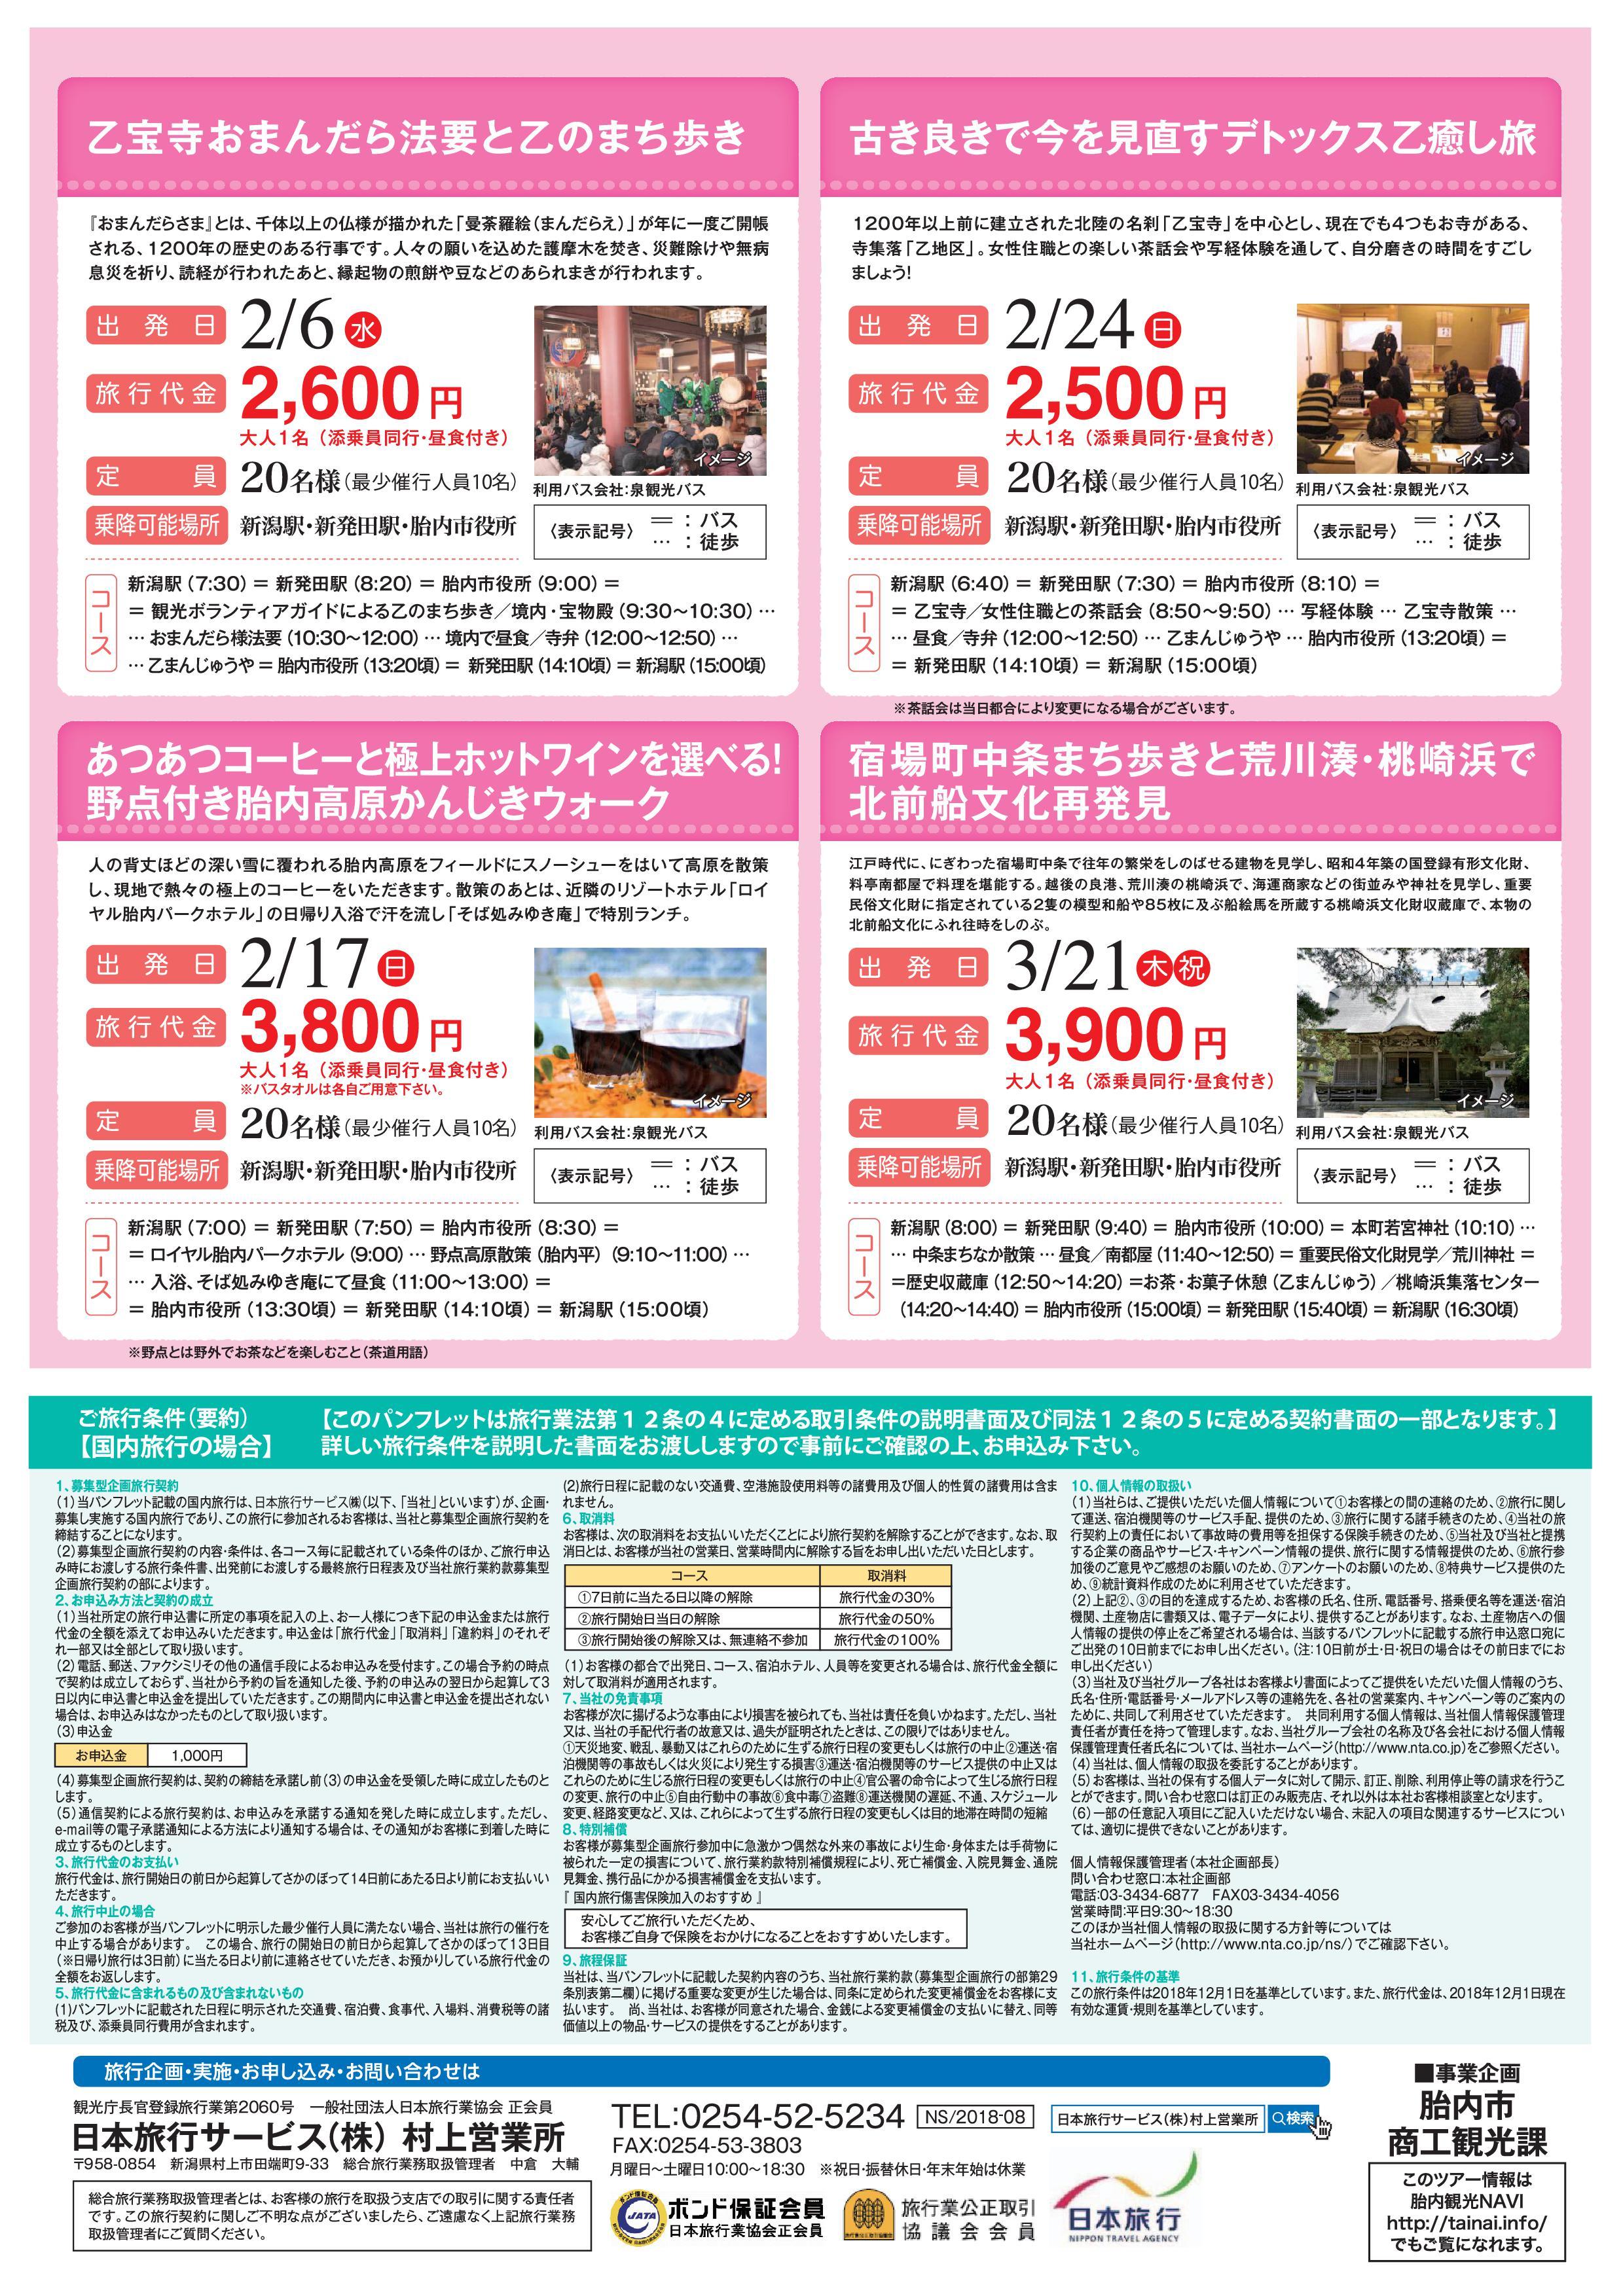 日本旅行サービス 村上営業所のページ | 日本旅行の国内旅行・海外旅行